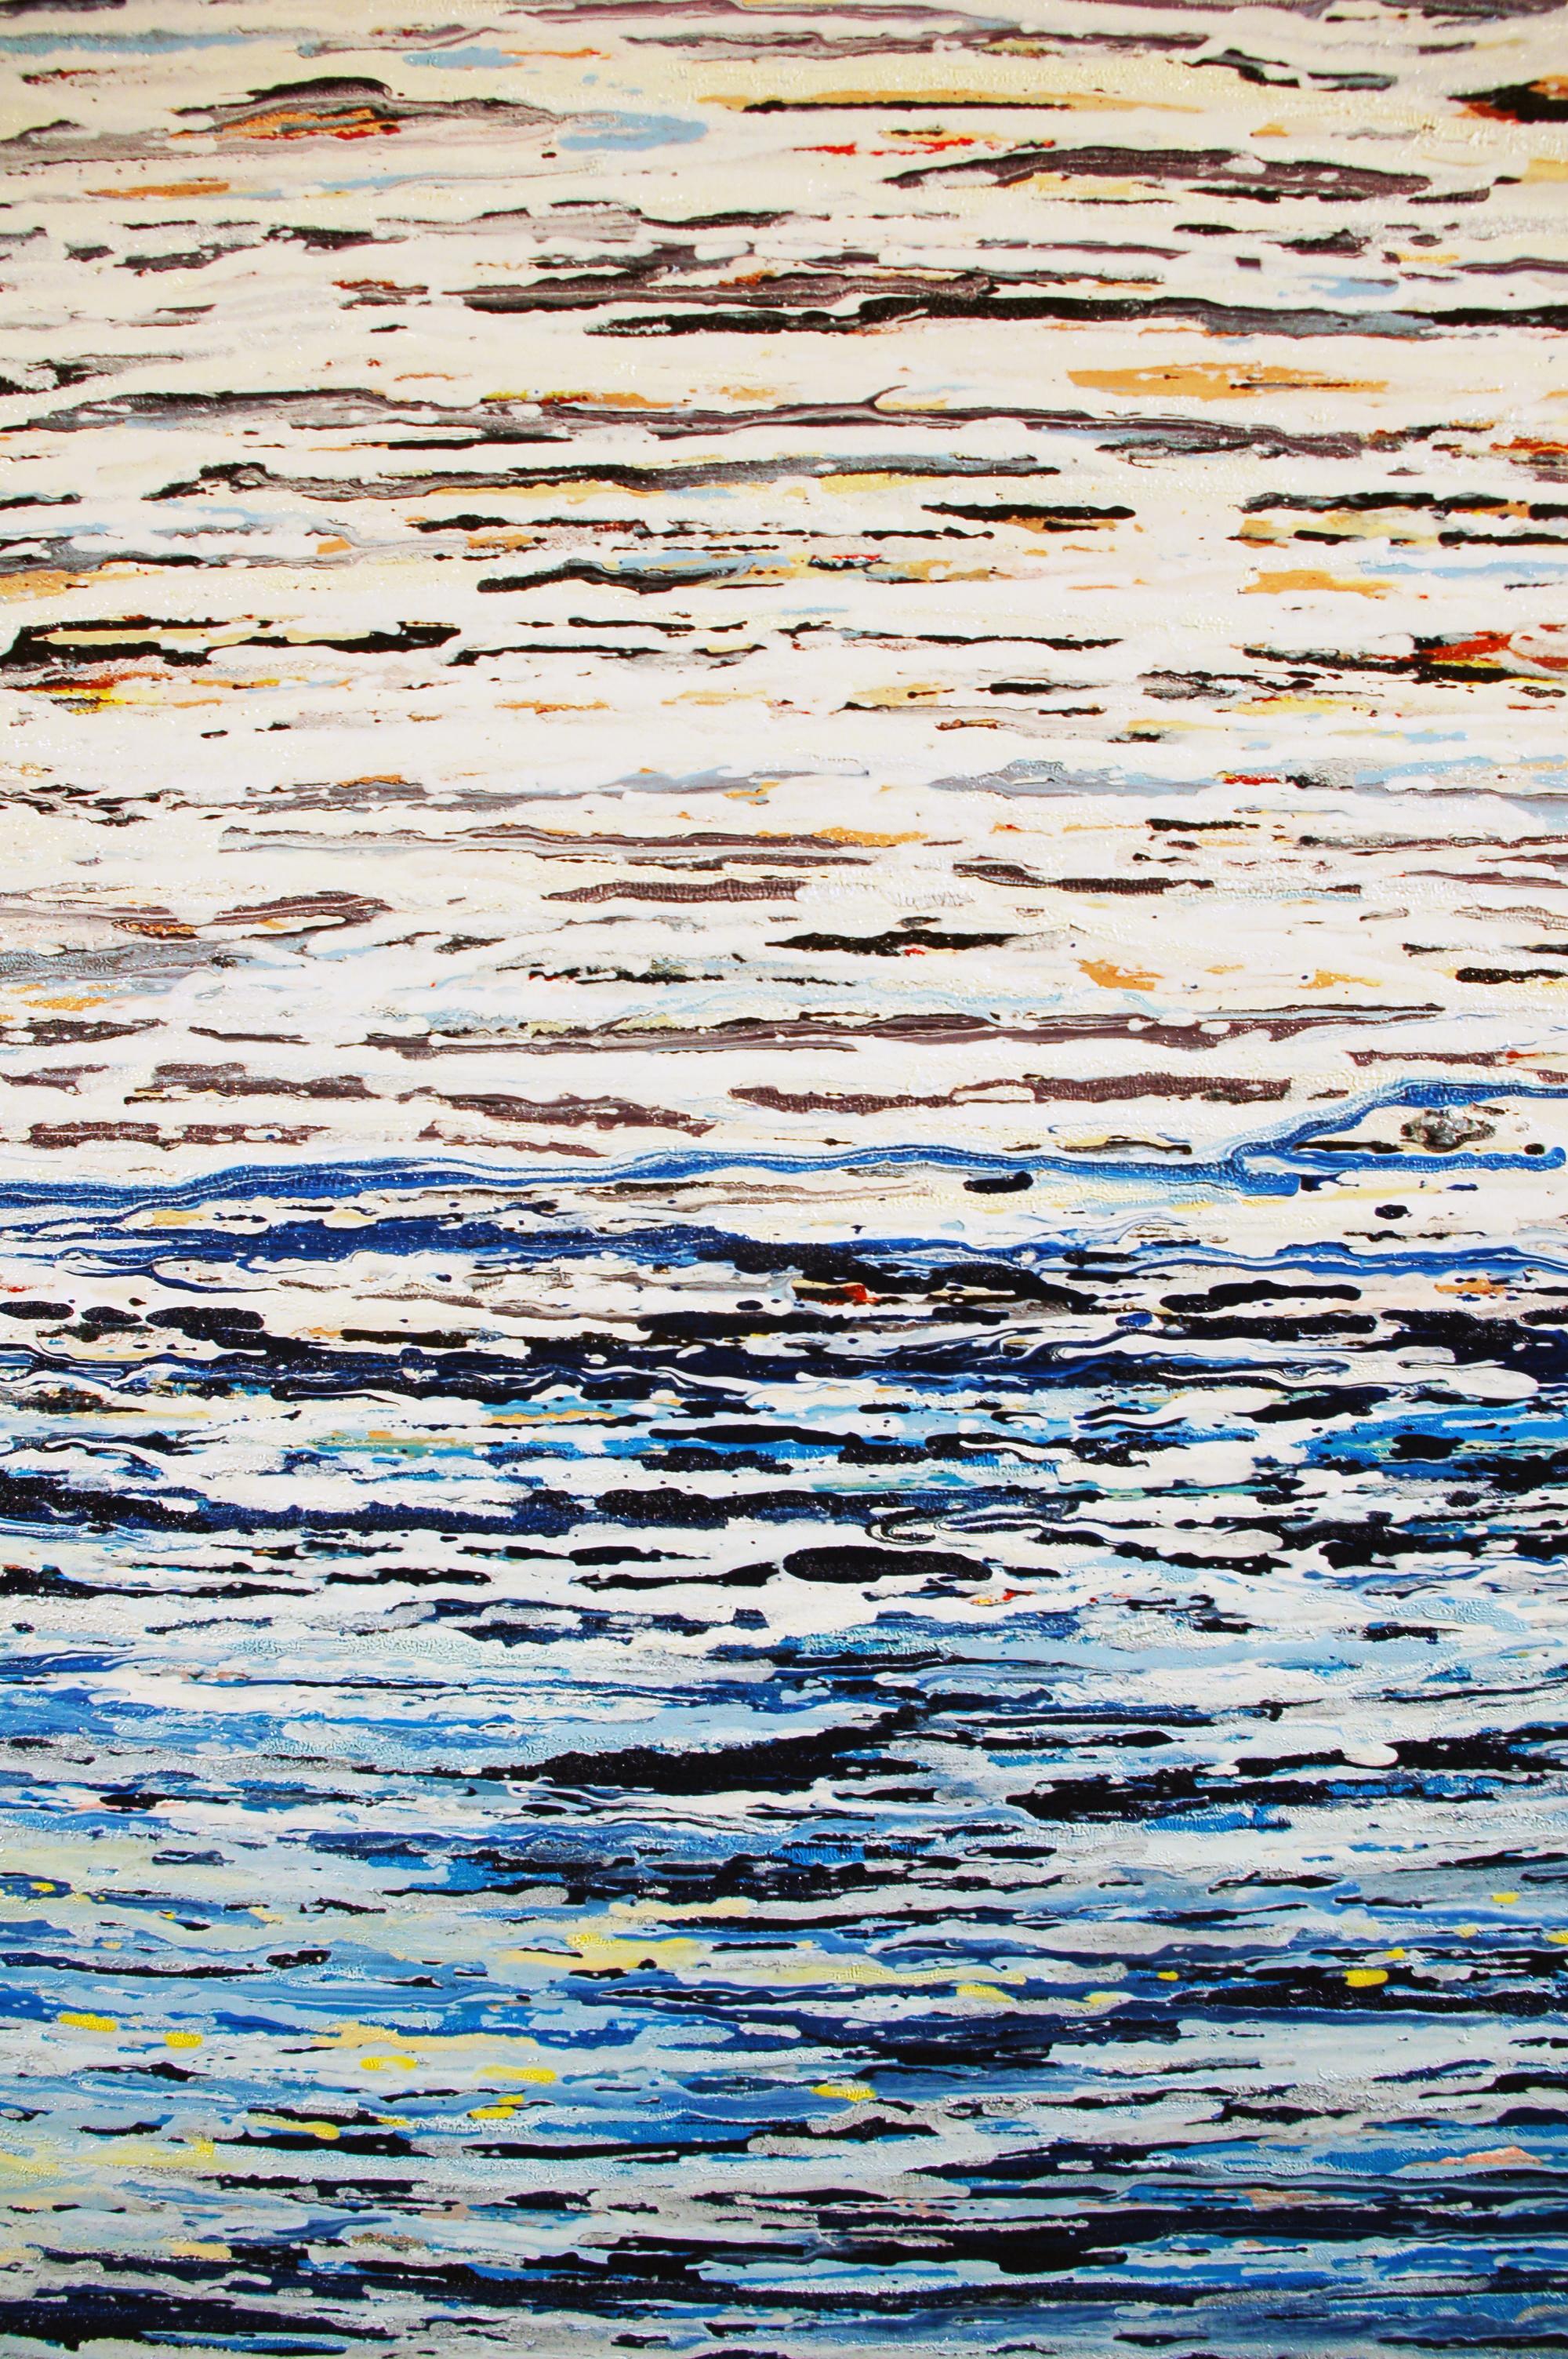 blue side2 detail